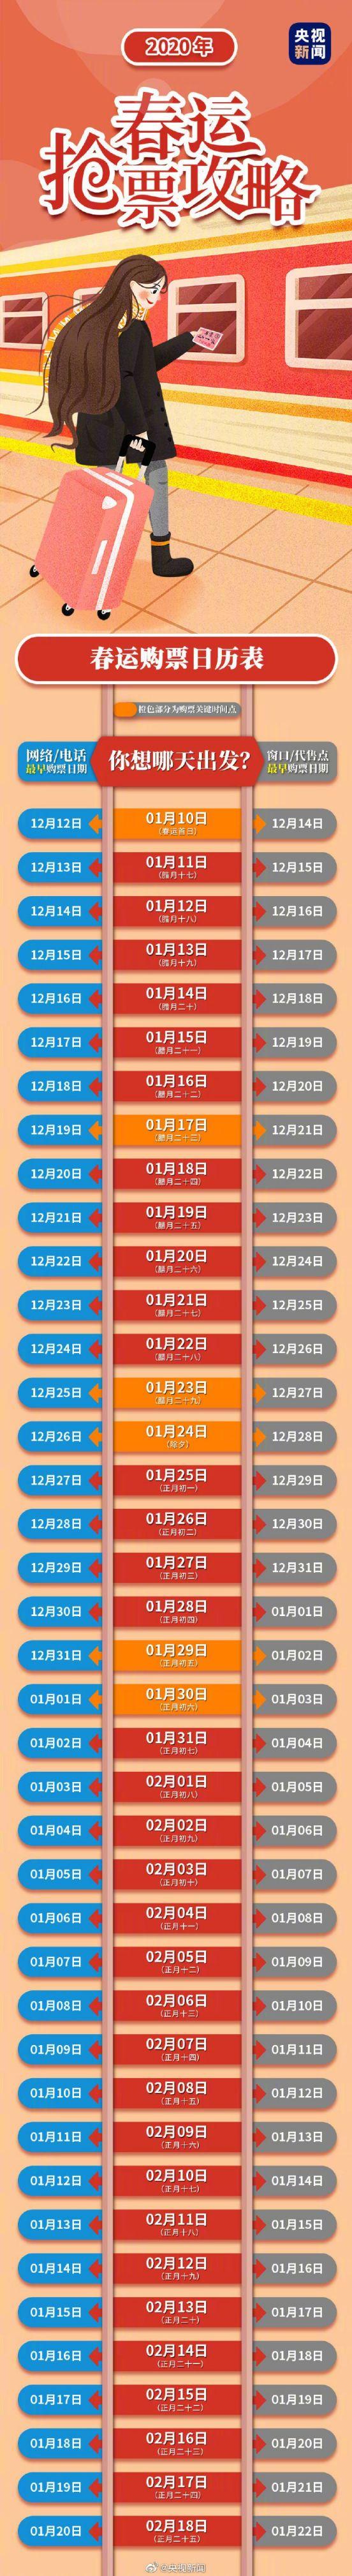 北京2020年春运火车票开售时间(北京西站 北京站 北京南站)